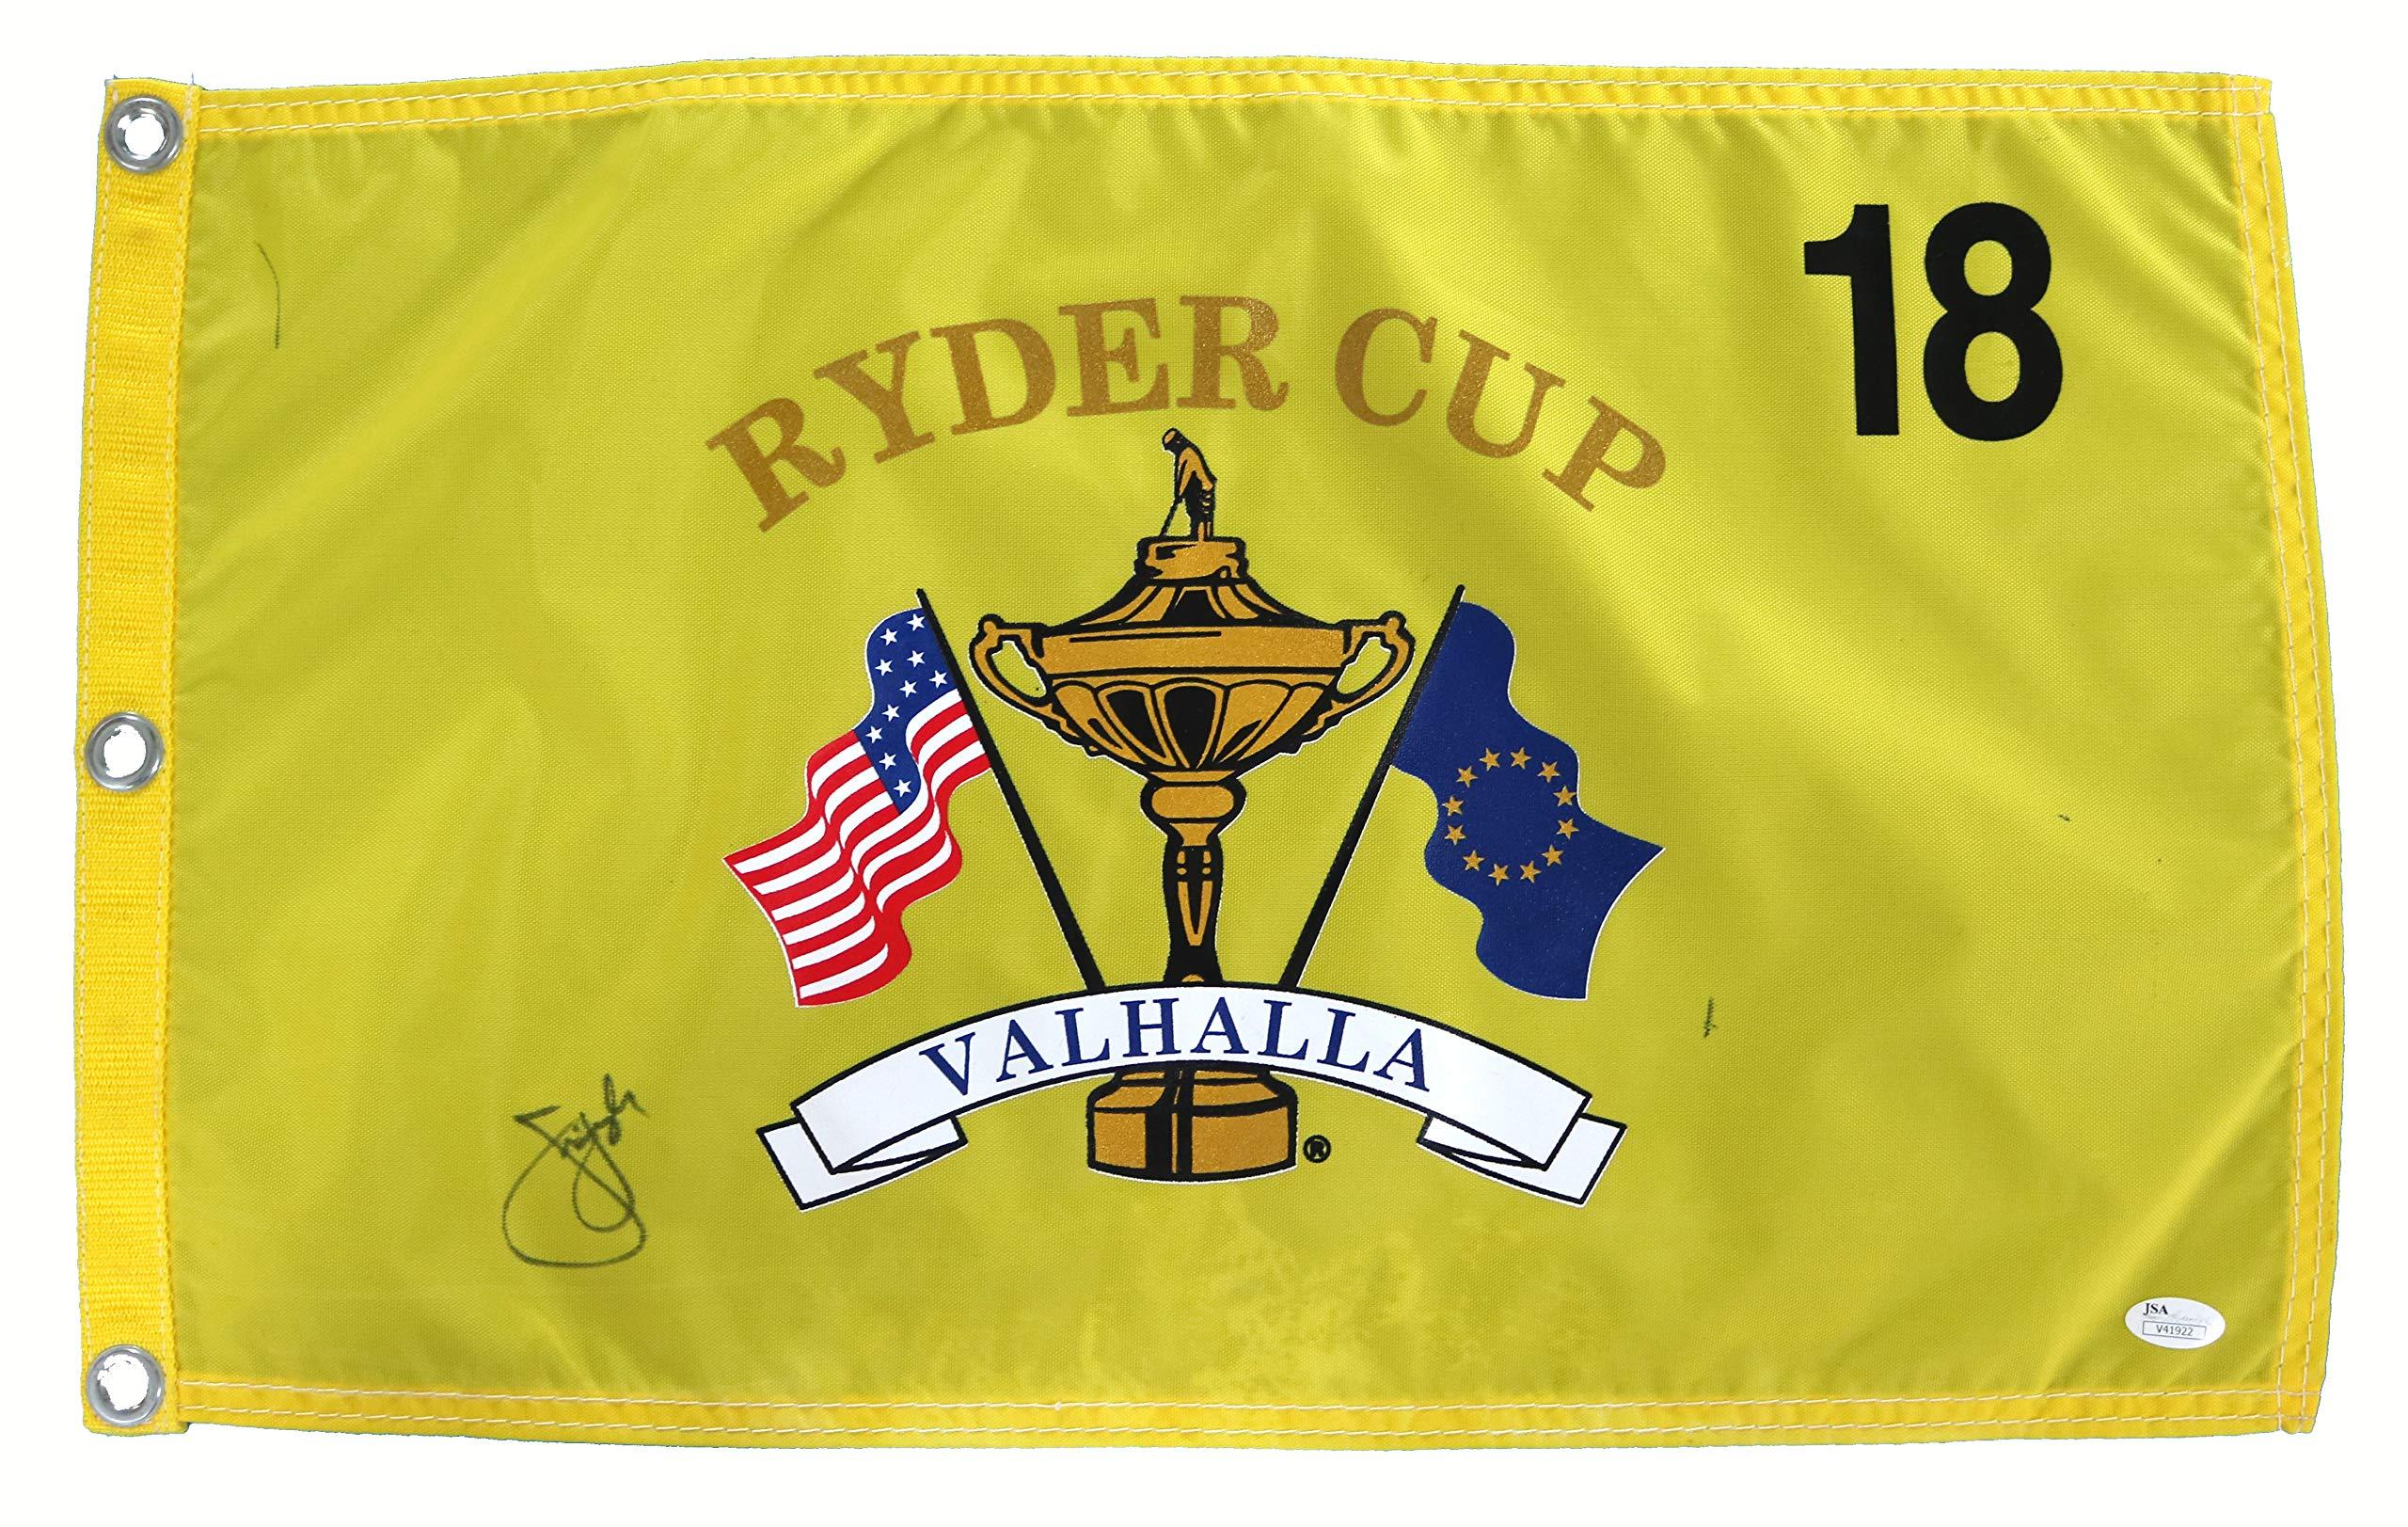 Jim Furyk Signed Autographed Ryder Cup Valhalla Golf Pin Flag JSA COA